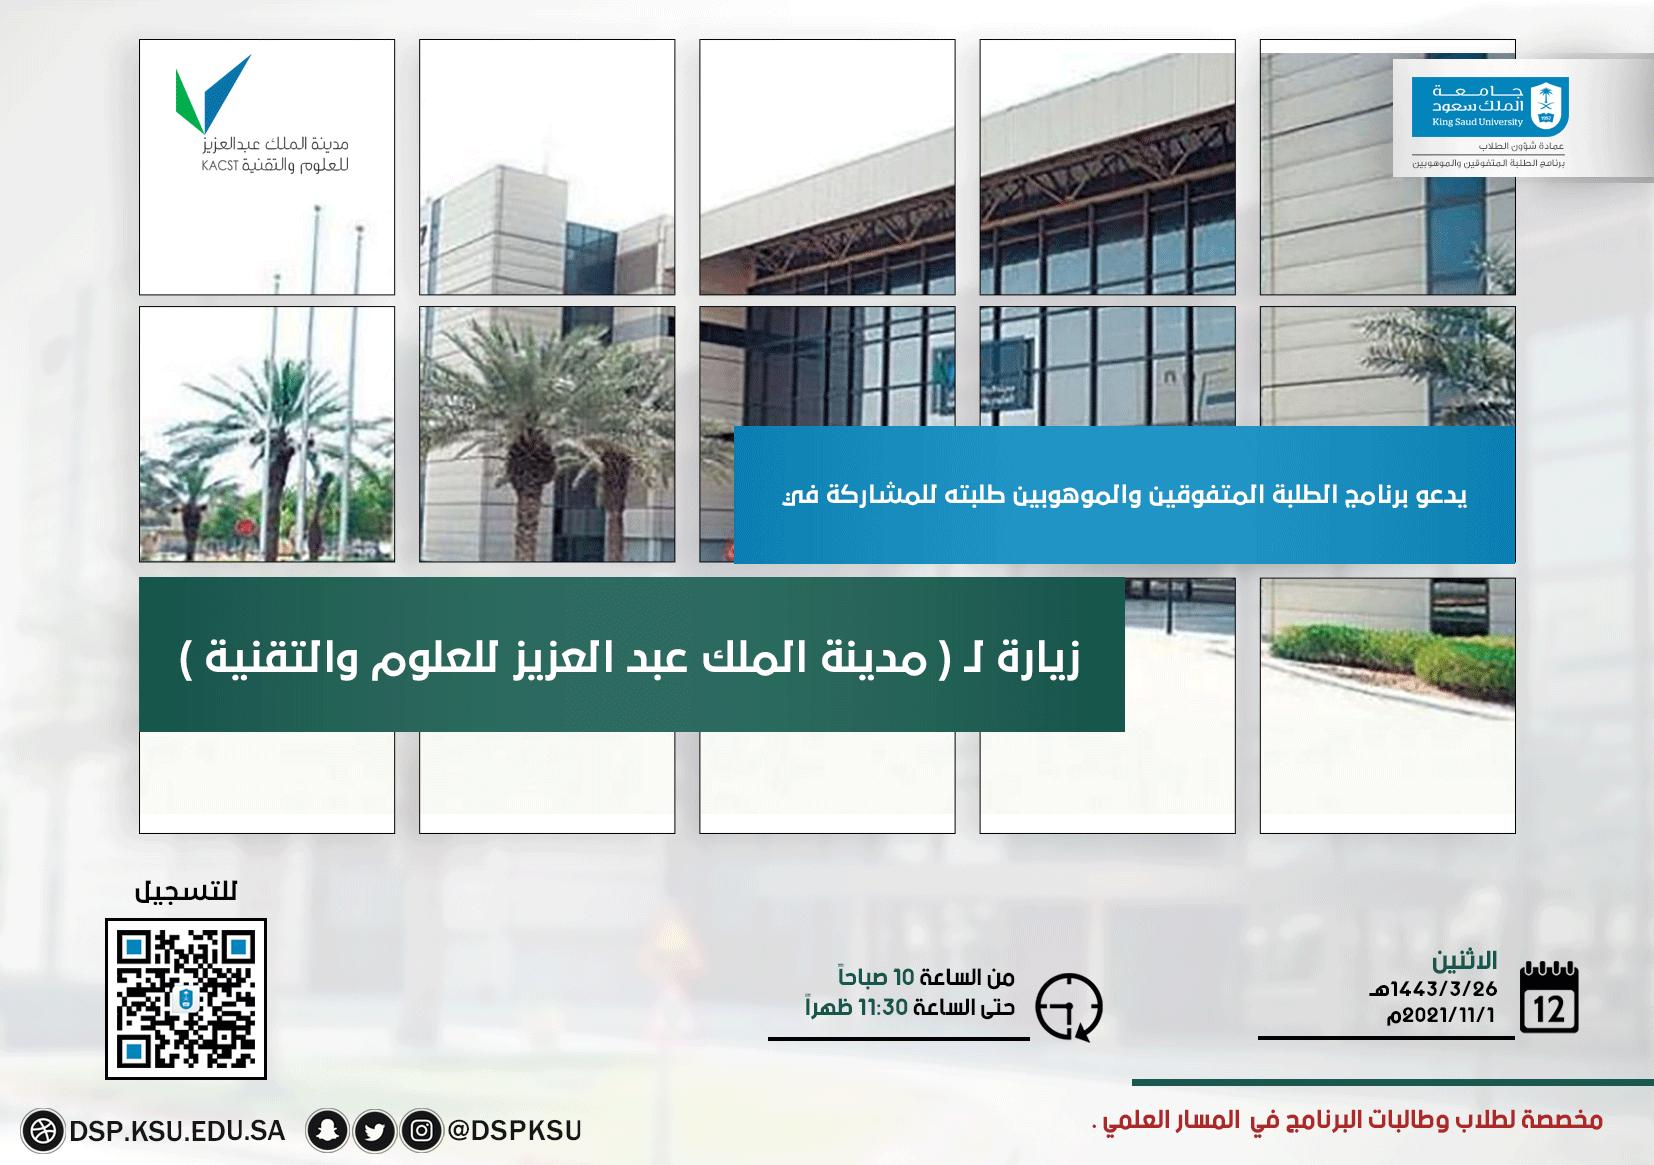 زيارة (مدينة الملك عبدالعزيز للعلوم والتقنية)